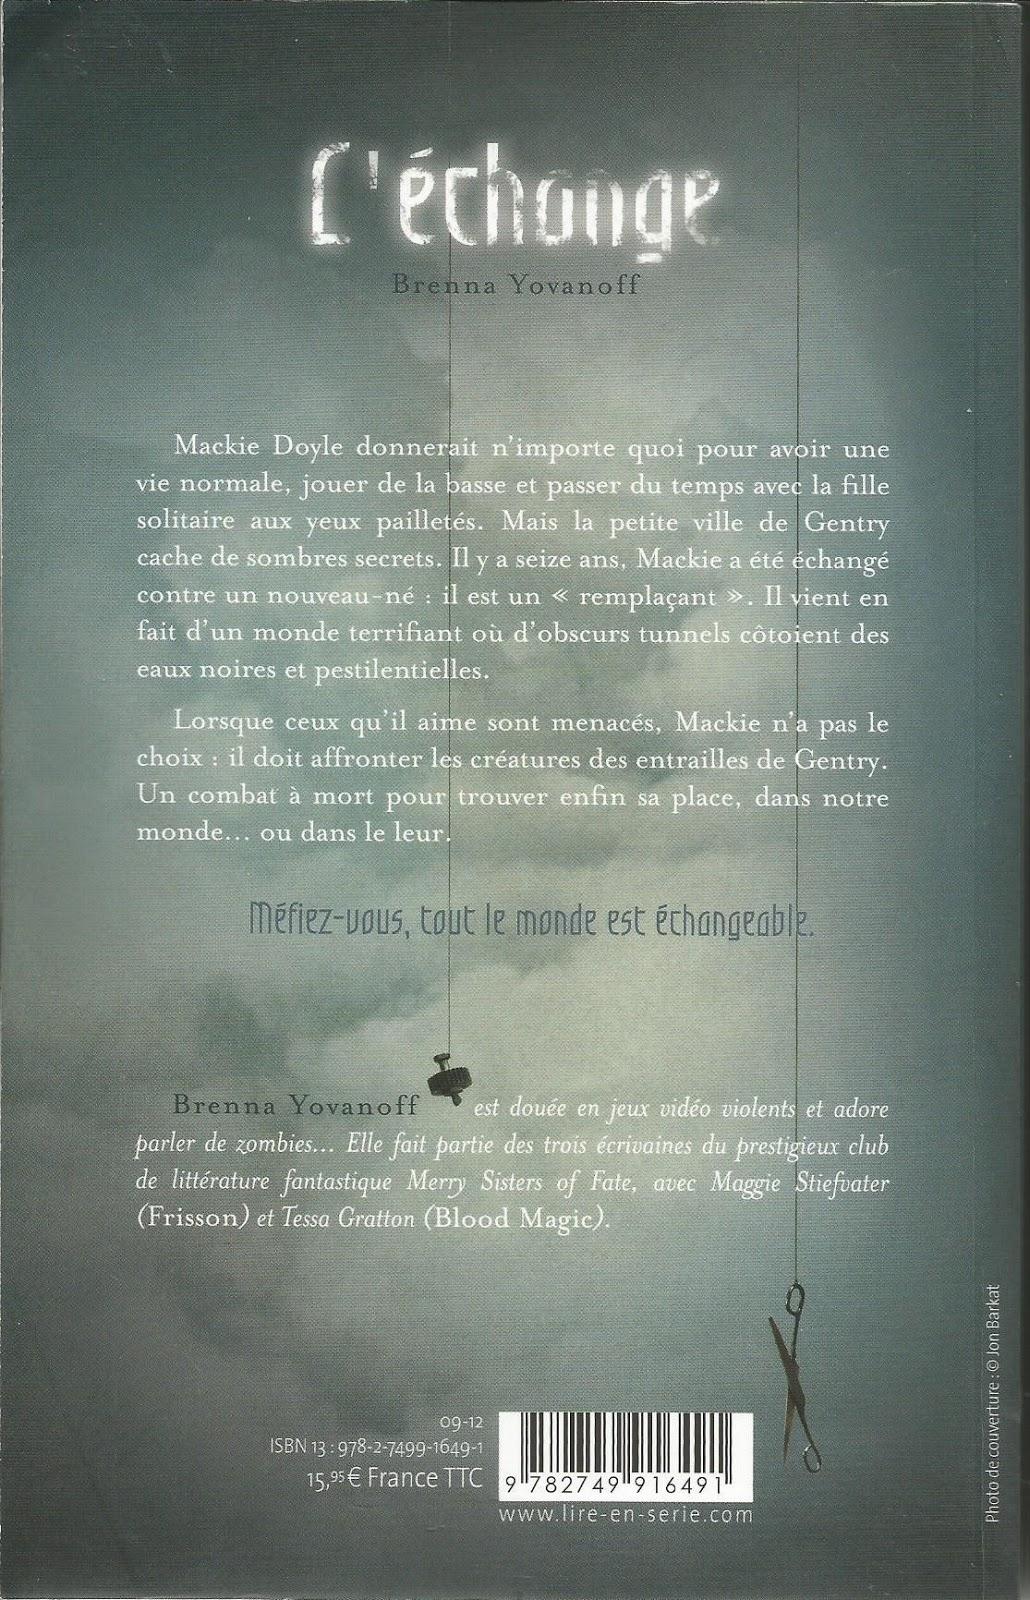 L'Echange Brenna Yovanoff - Synopsis